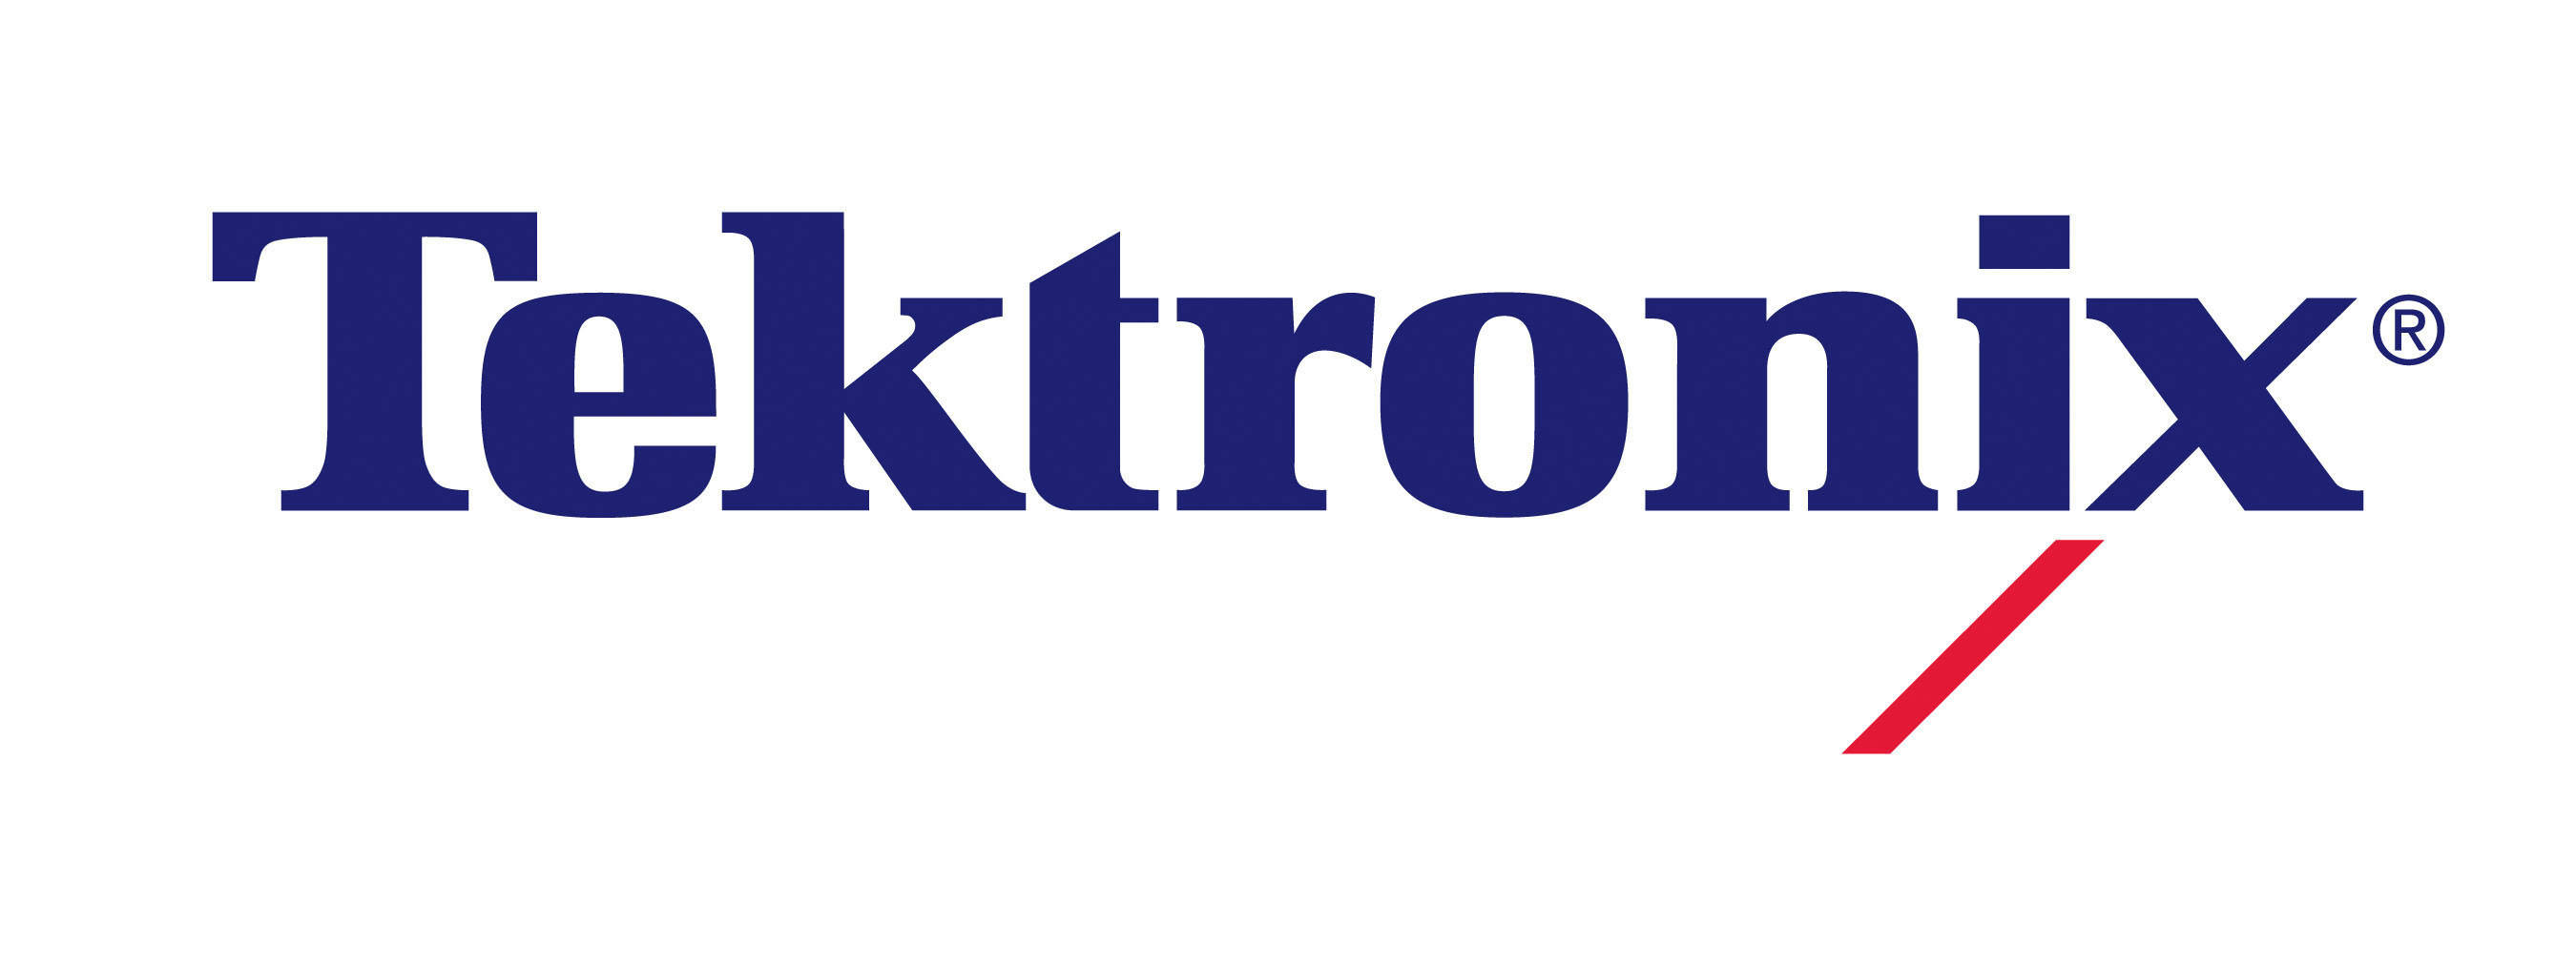 Tektronix, Inc. logo